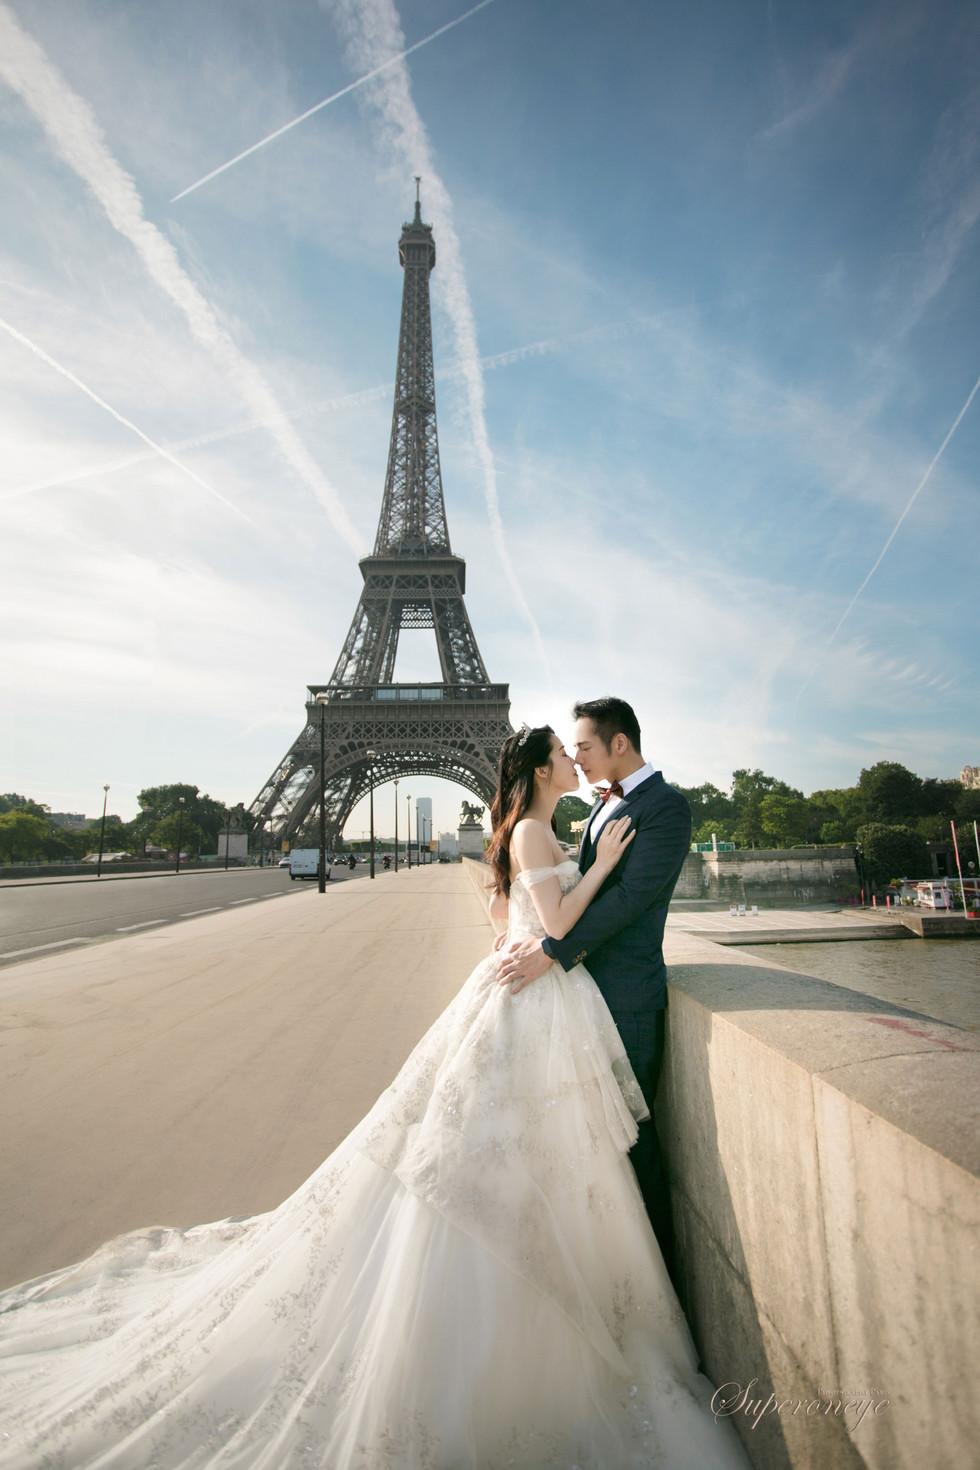 法國婚紗攝影 巴黎婚紗攝影 巴黎婚紗照 巴黎當地婚紗攝影師 - paris prewedding - Superoneye Photography Paris法國婚紗攝影 巴黎婚紗攝影 巴黎婚紗照 巴黎當地婚紗攝影師 - paris prewedding - Superoneye Photography Paris